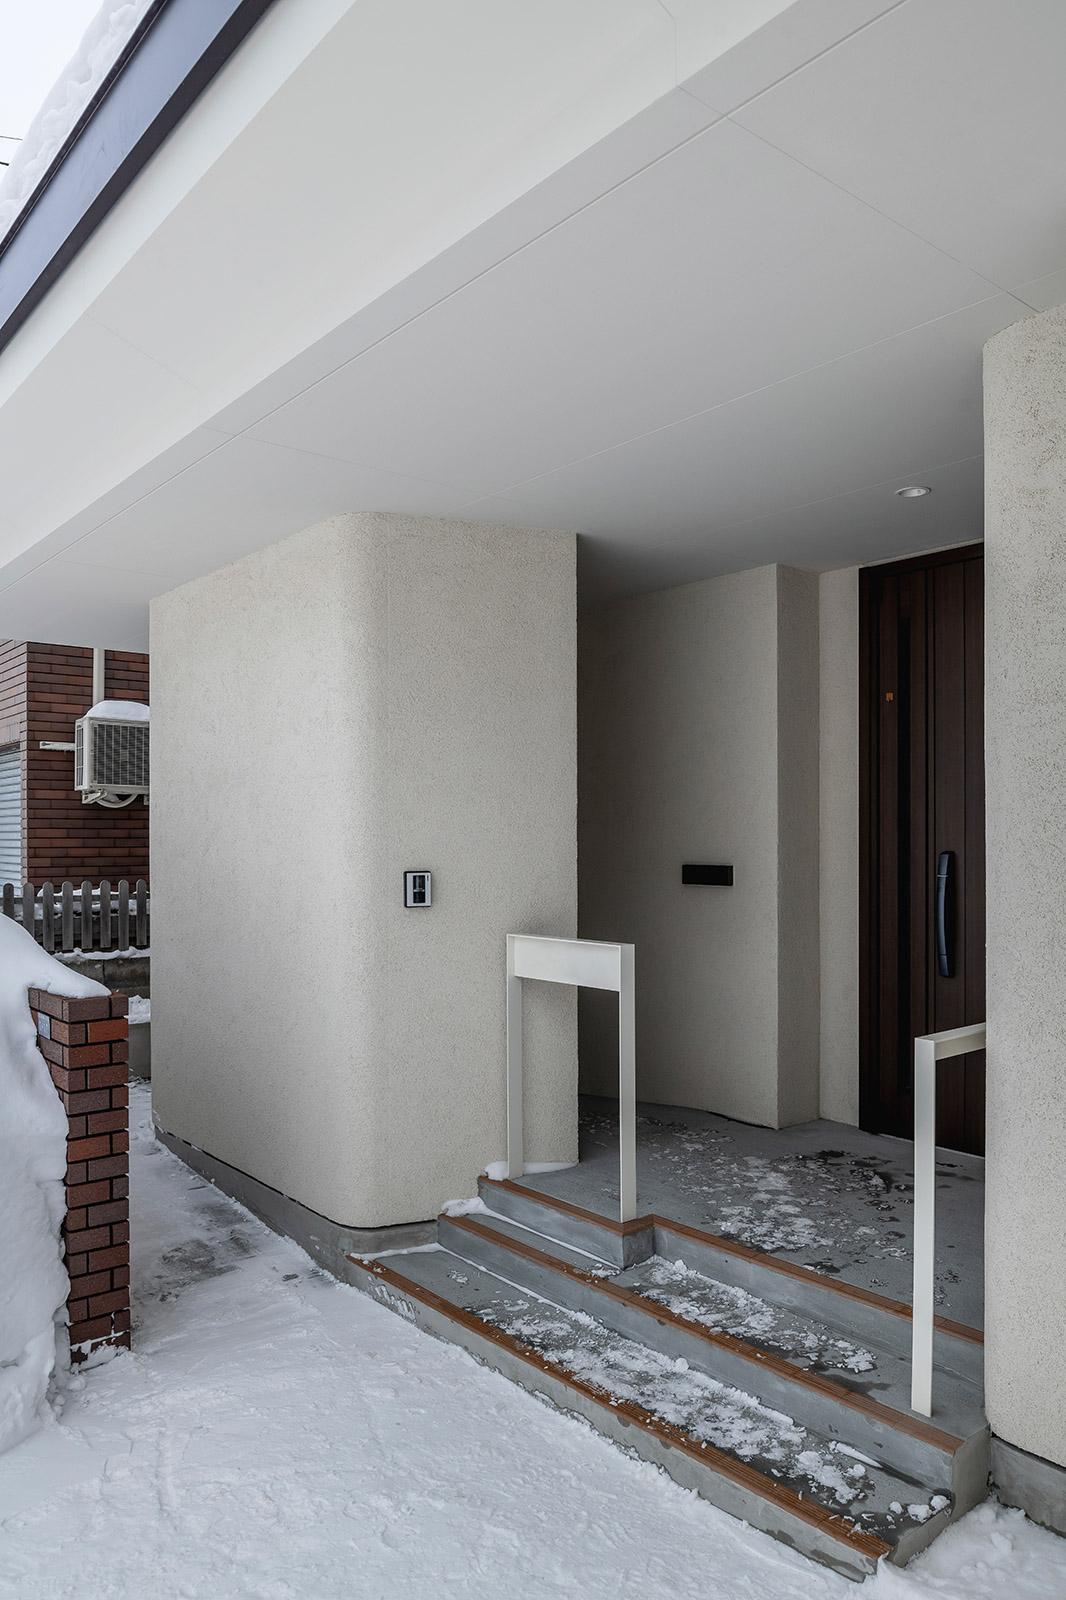 玄関アプローチは段差を低く抑えた階段と、車いす用のスロープを併設したMさん宅